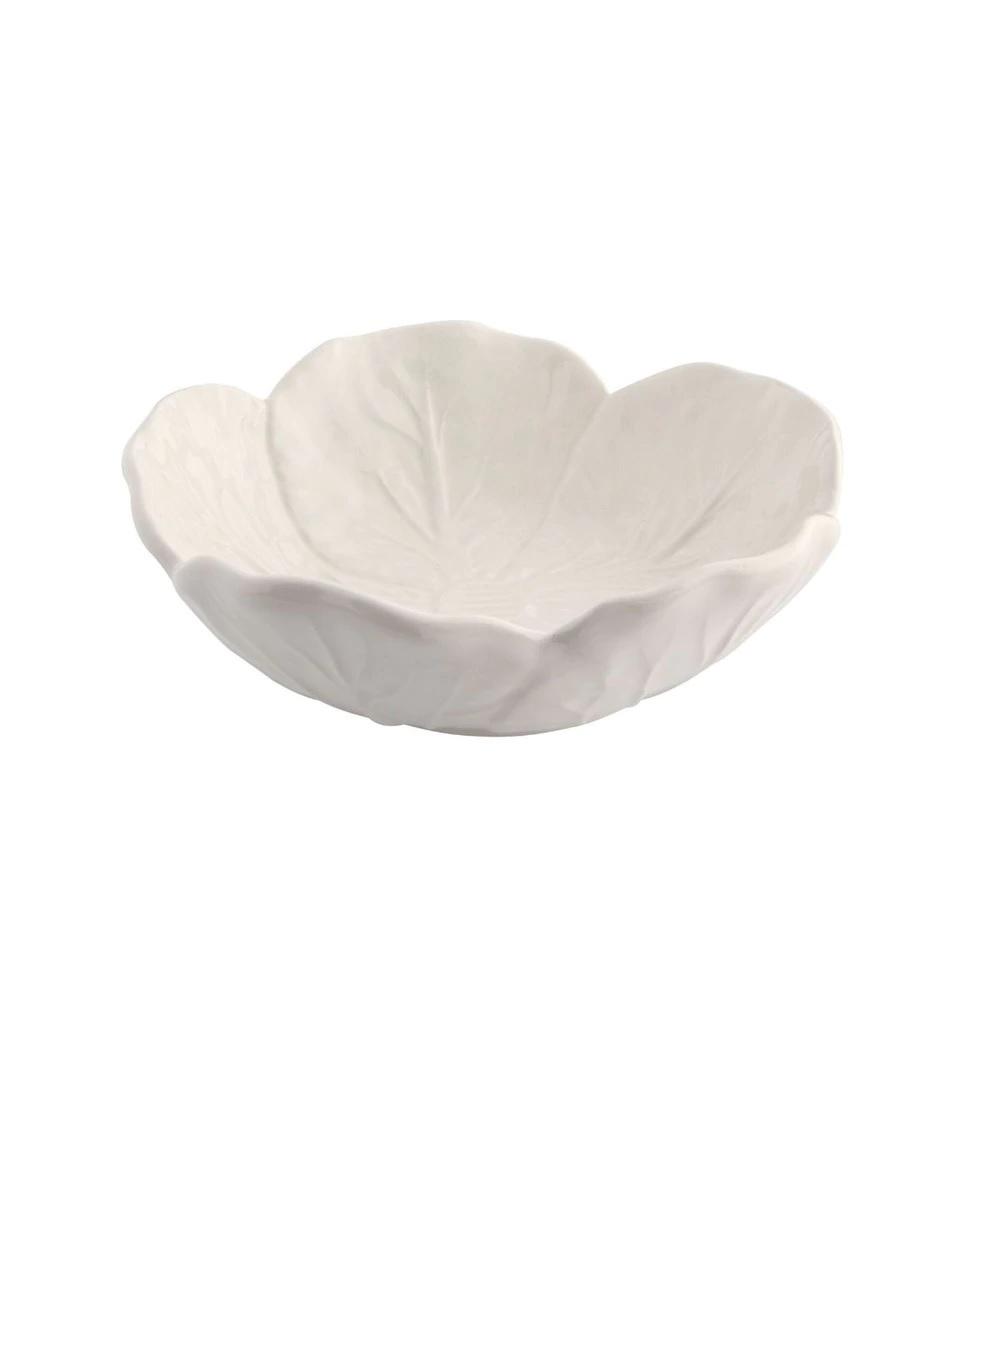 Bowl con forma de hoja Beige Couve Bordallo Pinheiro